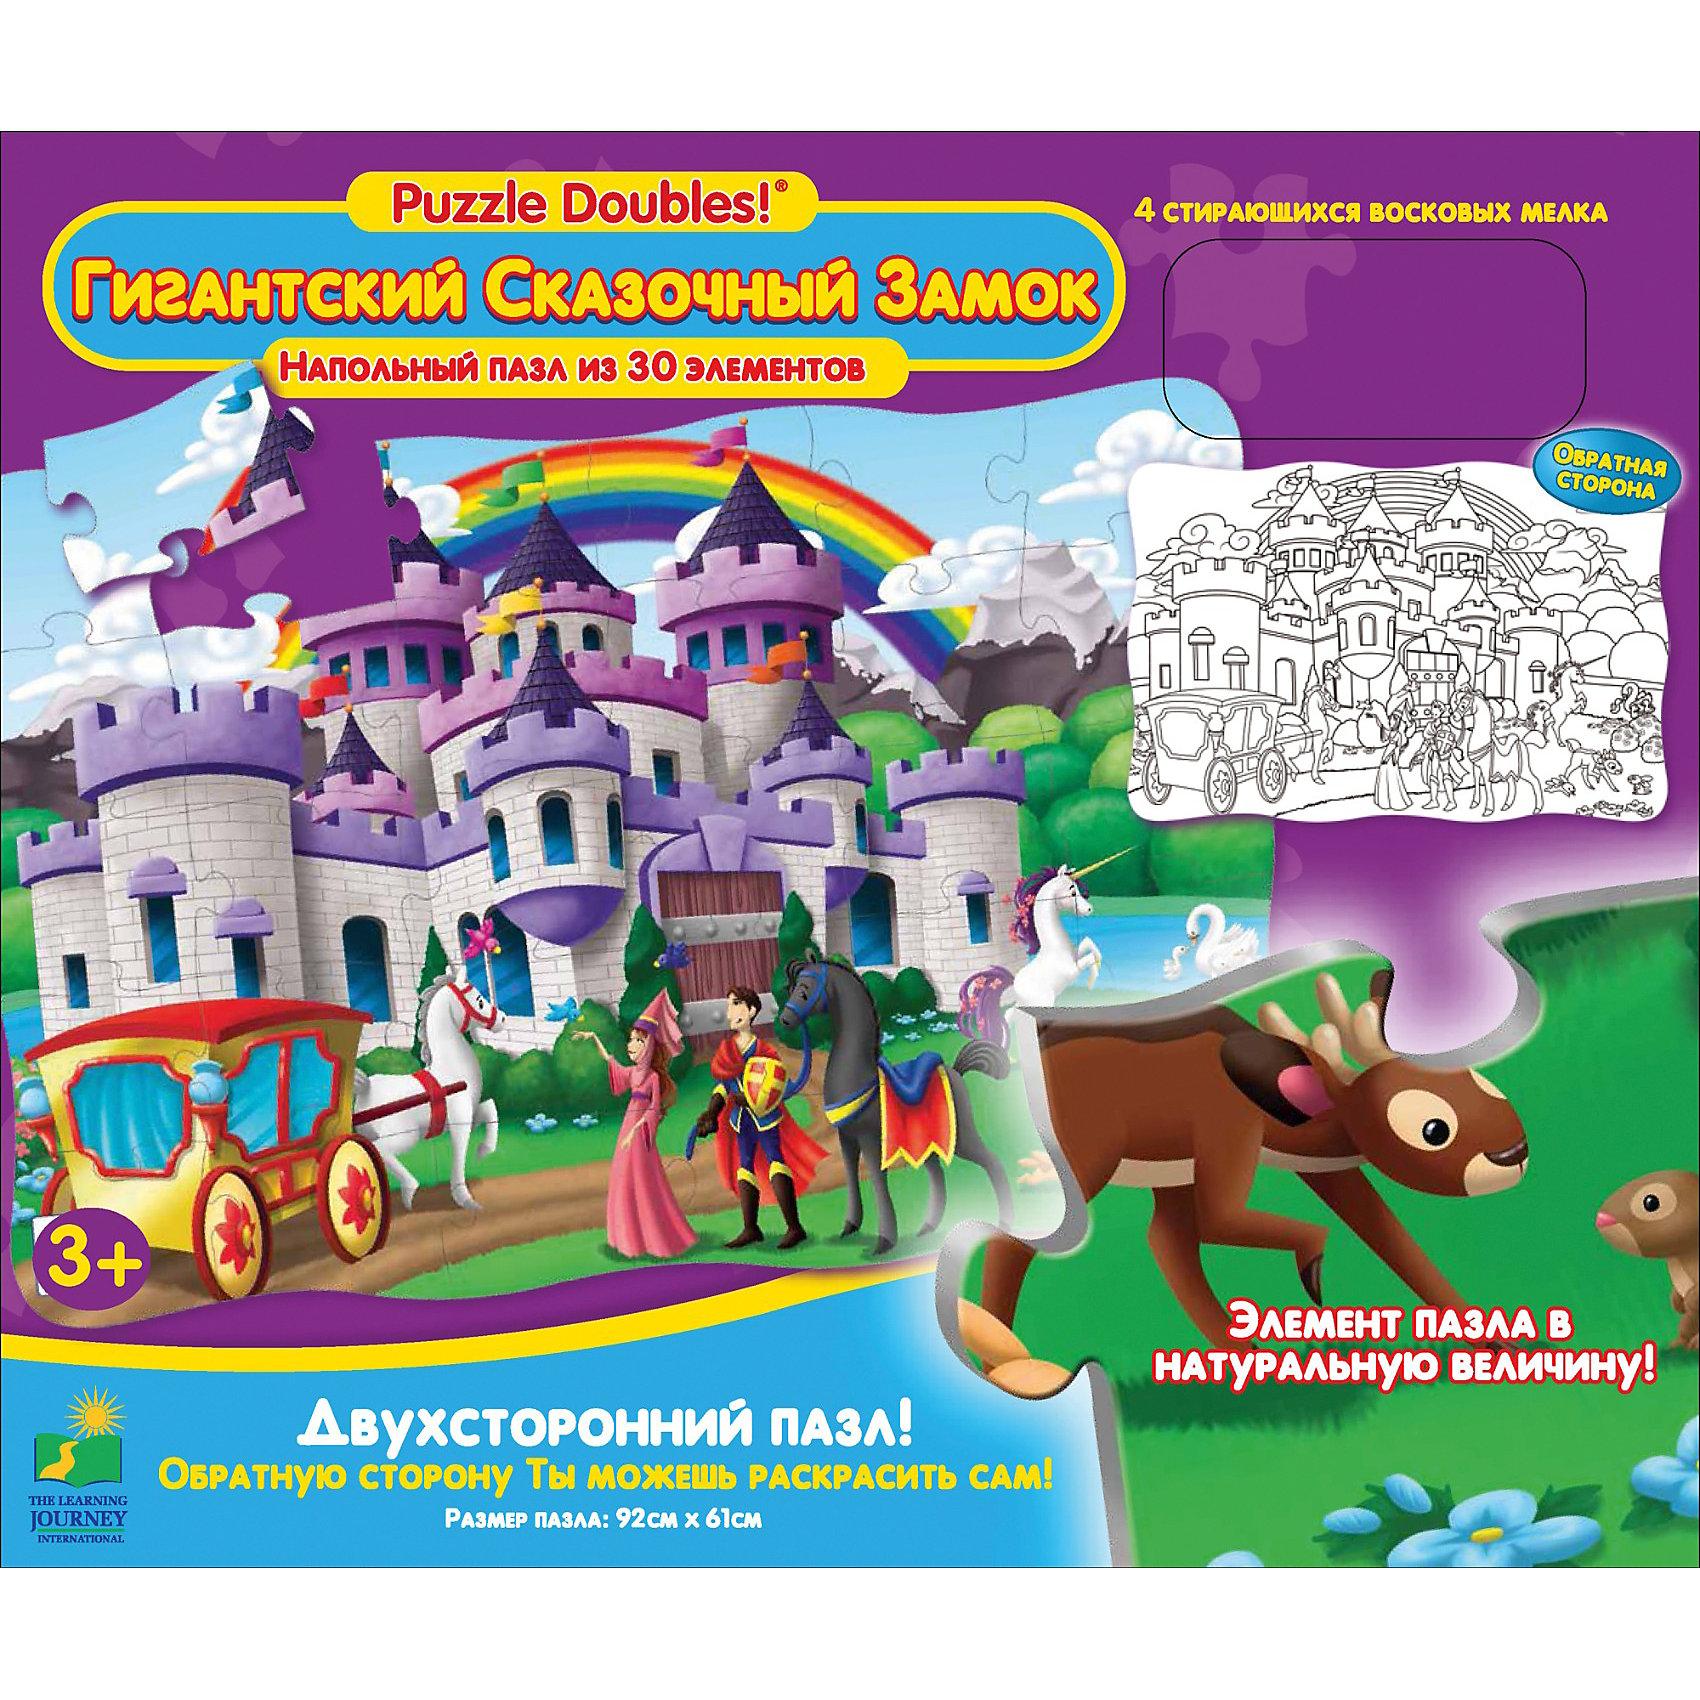 Настольная игра Гигантский сказочный замок, Пазл 30 деталей, двухсторонний